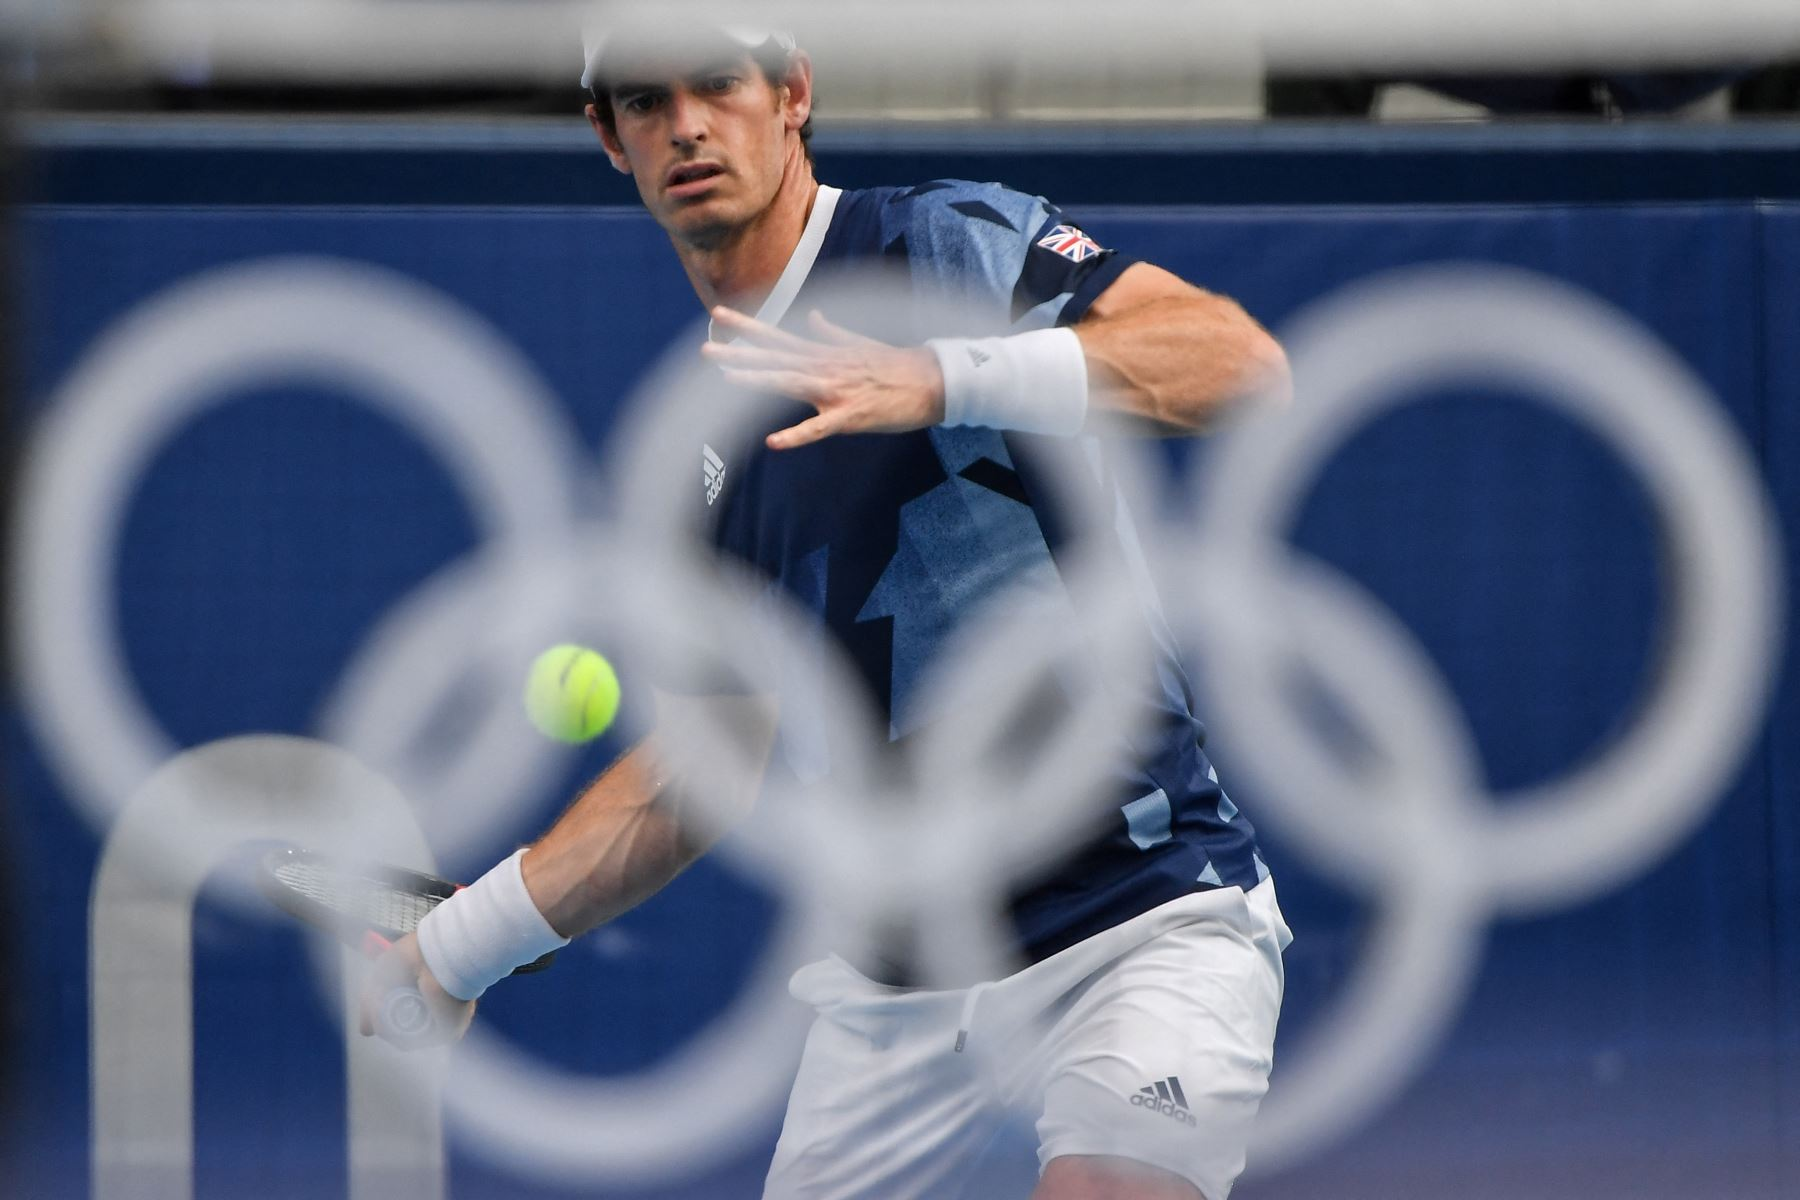 El británico Andy Murray asiste a una sesión de entrenamiento en el Ariake Tennis Park antes de los Juegos Olímpicos de Tokio 2020 en Tokio. Foto: AFP